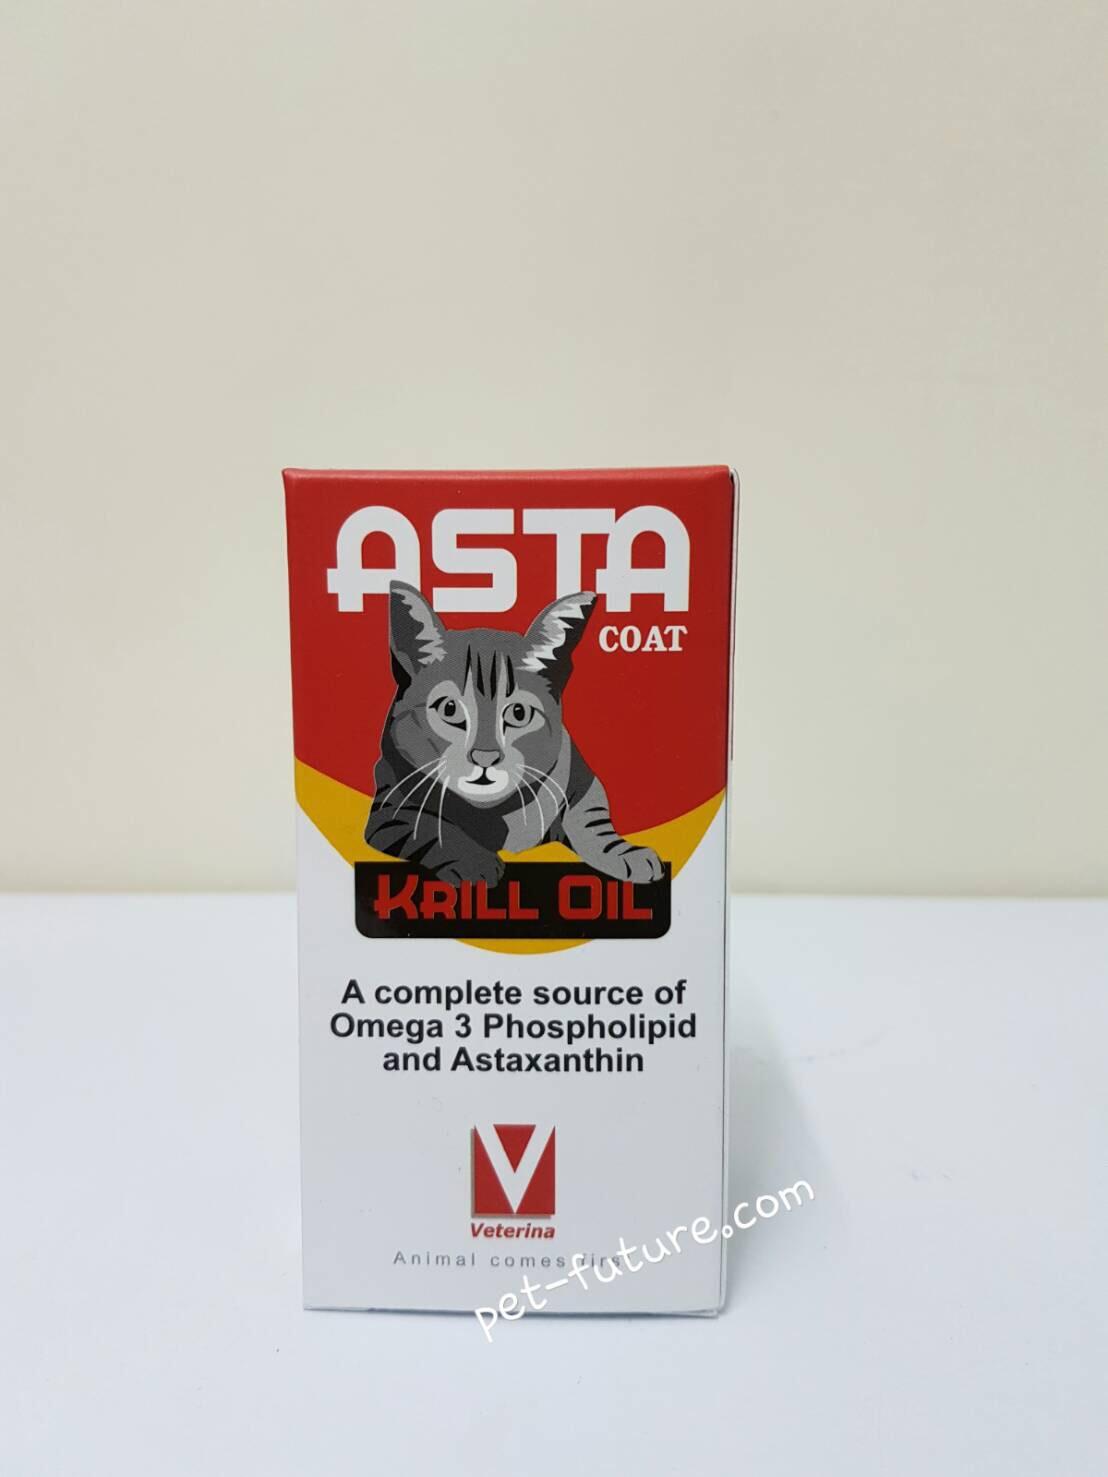 Asta krill Oil Exp.03/20 ผลิตภัณฑ์เสริมอาหาร โอเมก้า 3 จำนวน 50 เม็ด